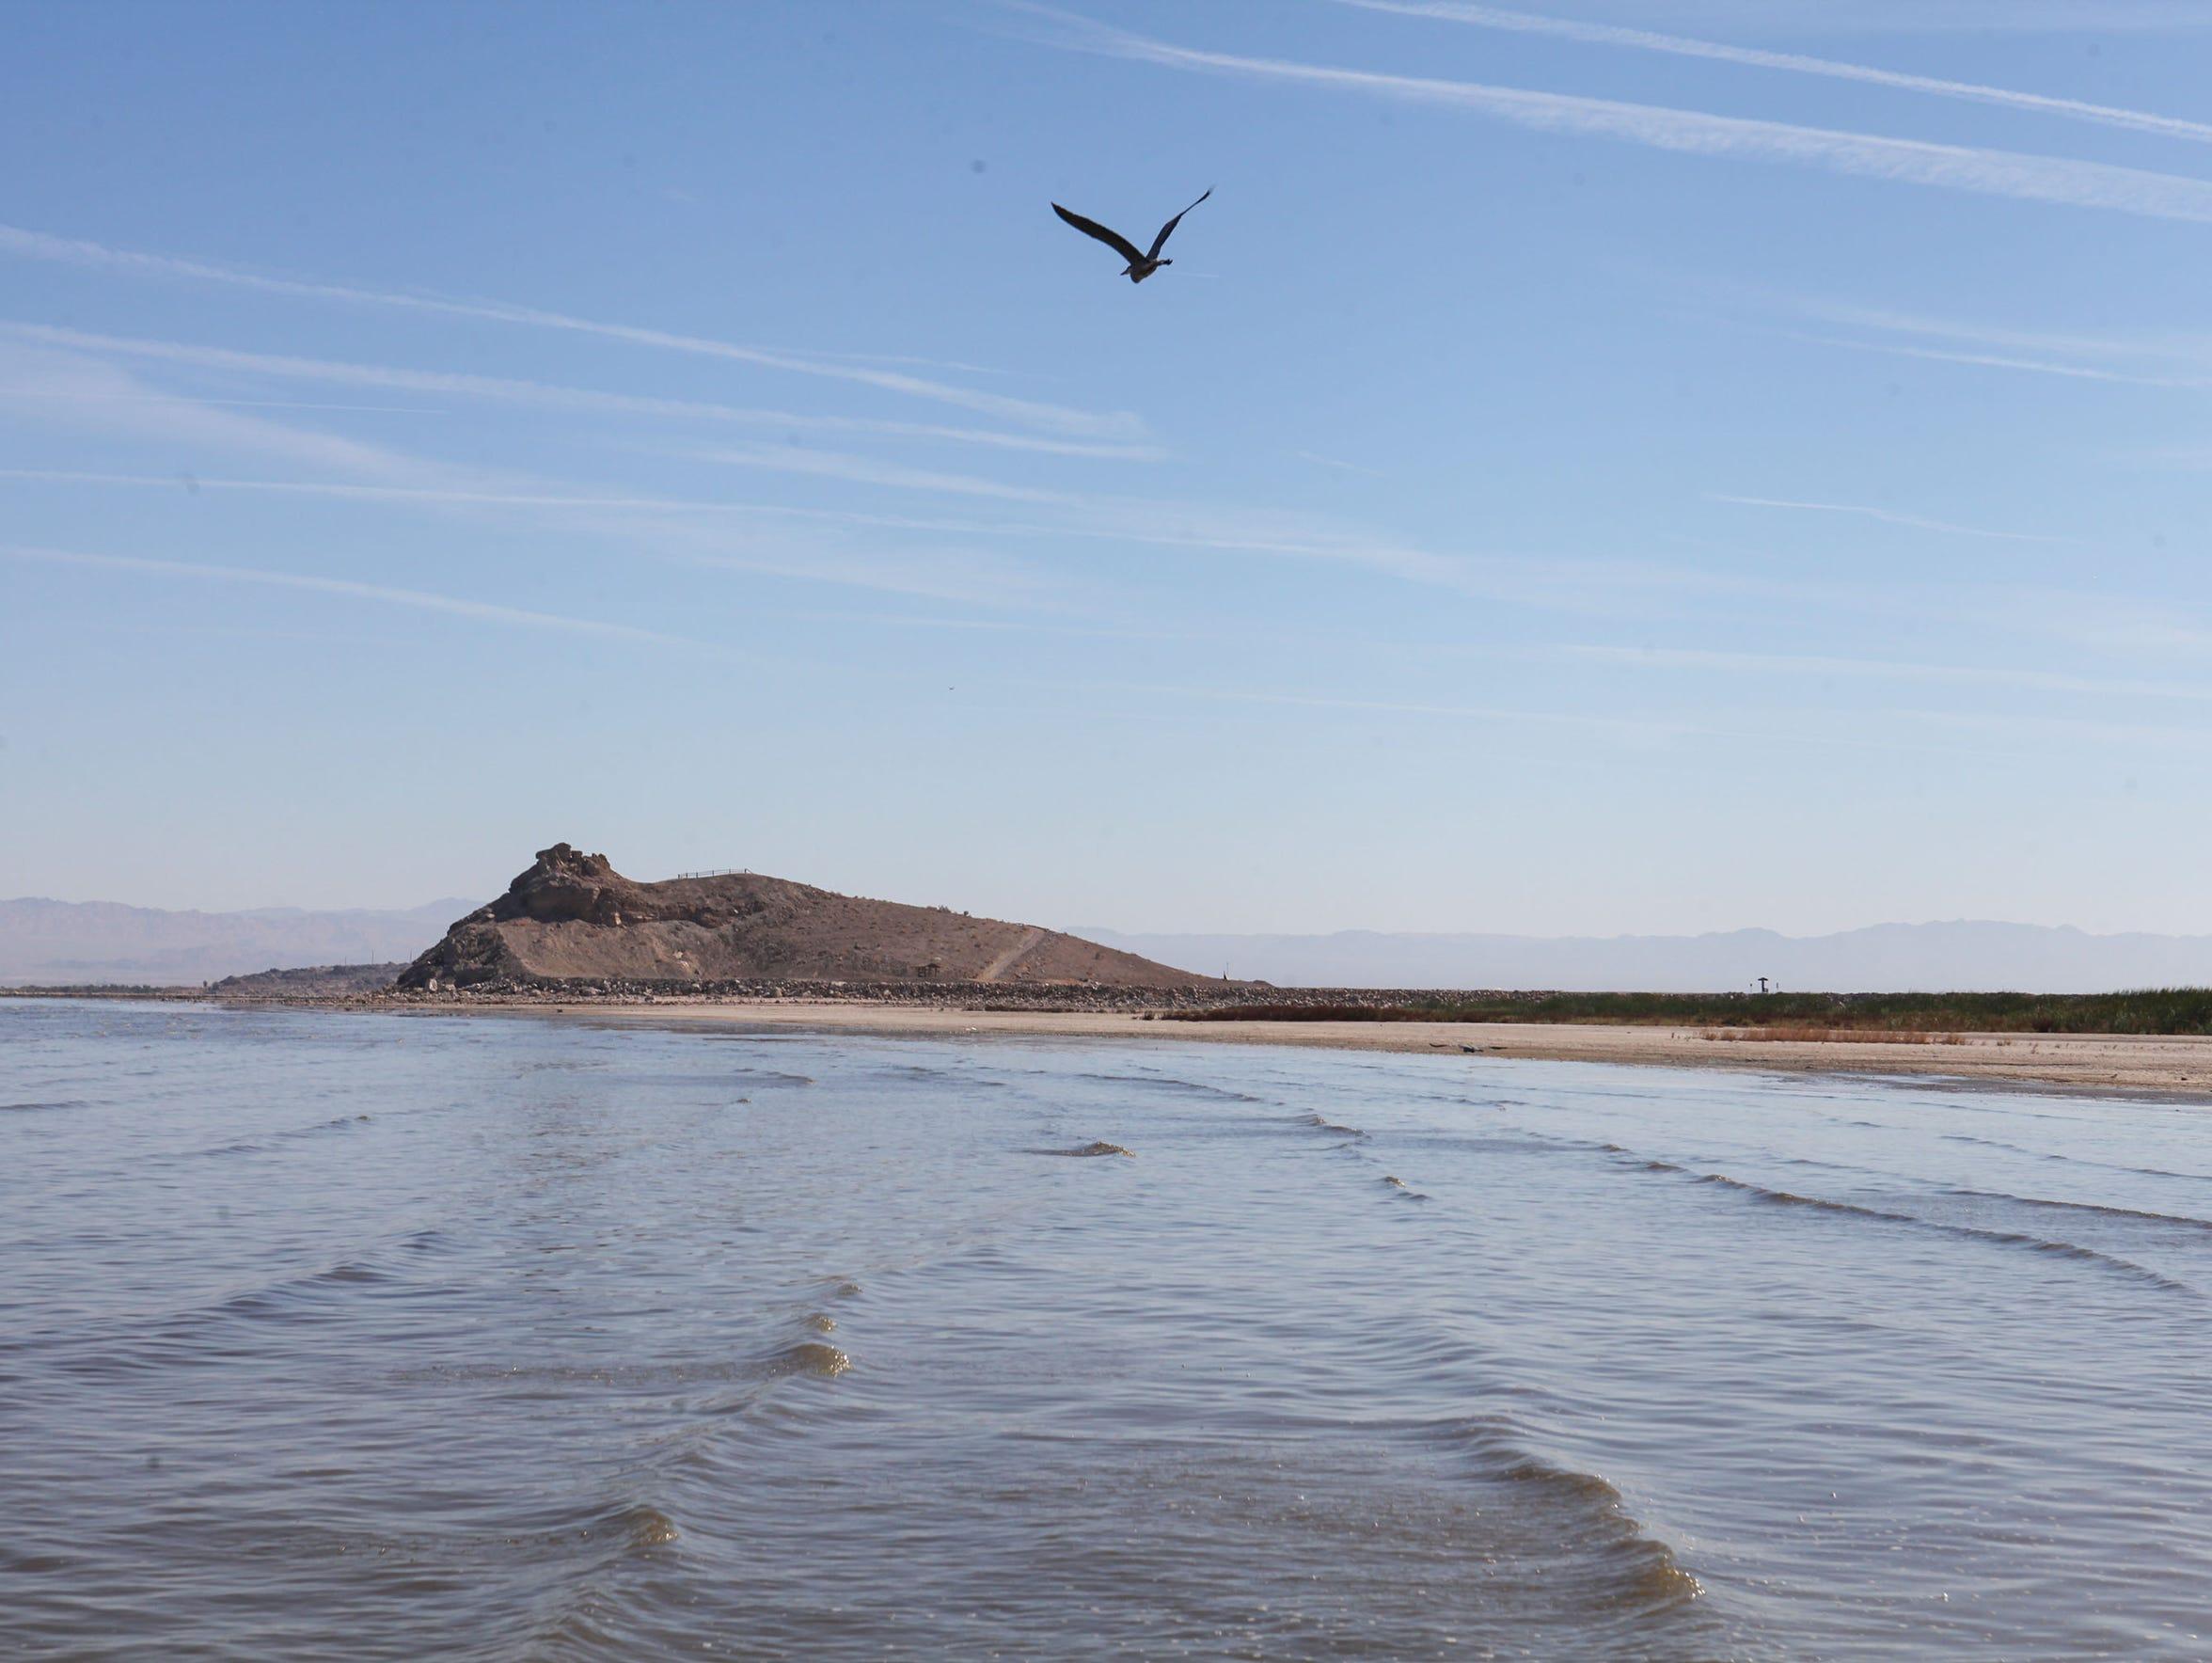 A bird flies along the retreating shoreline of the Salton Sea.